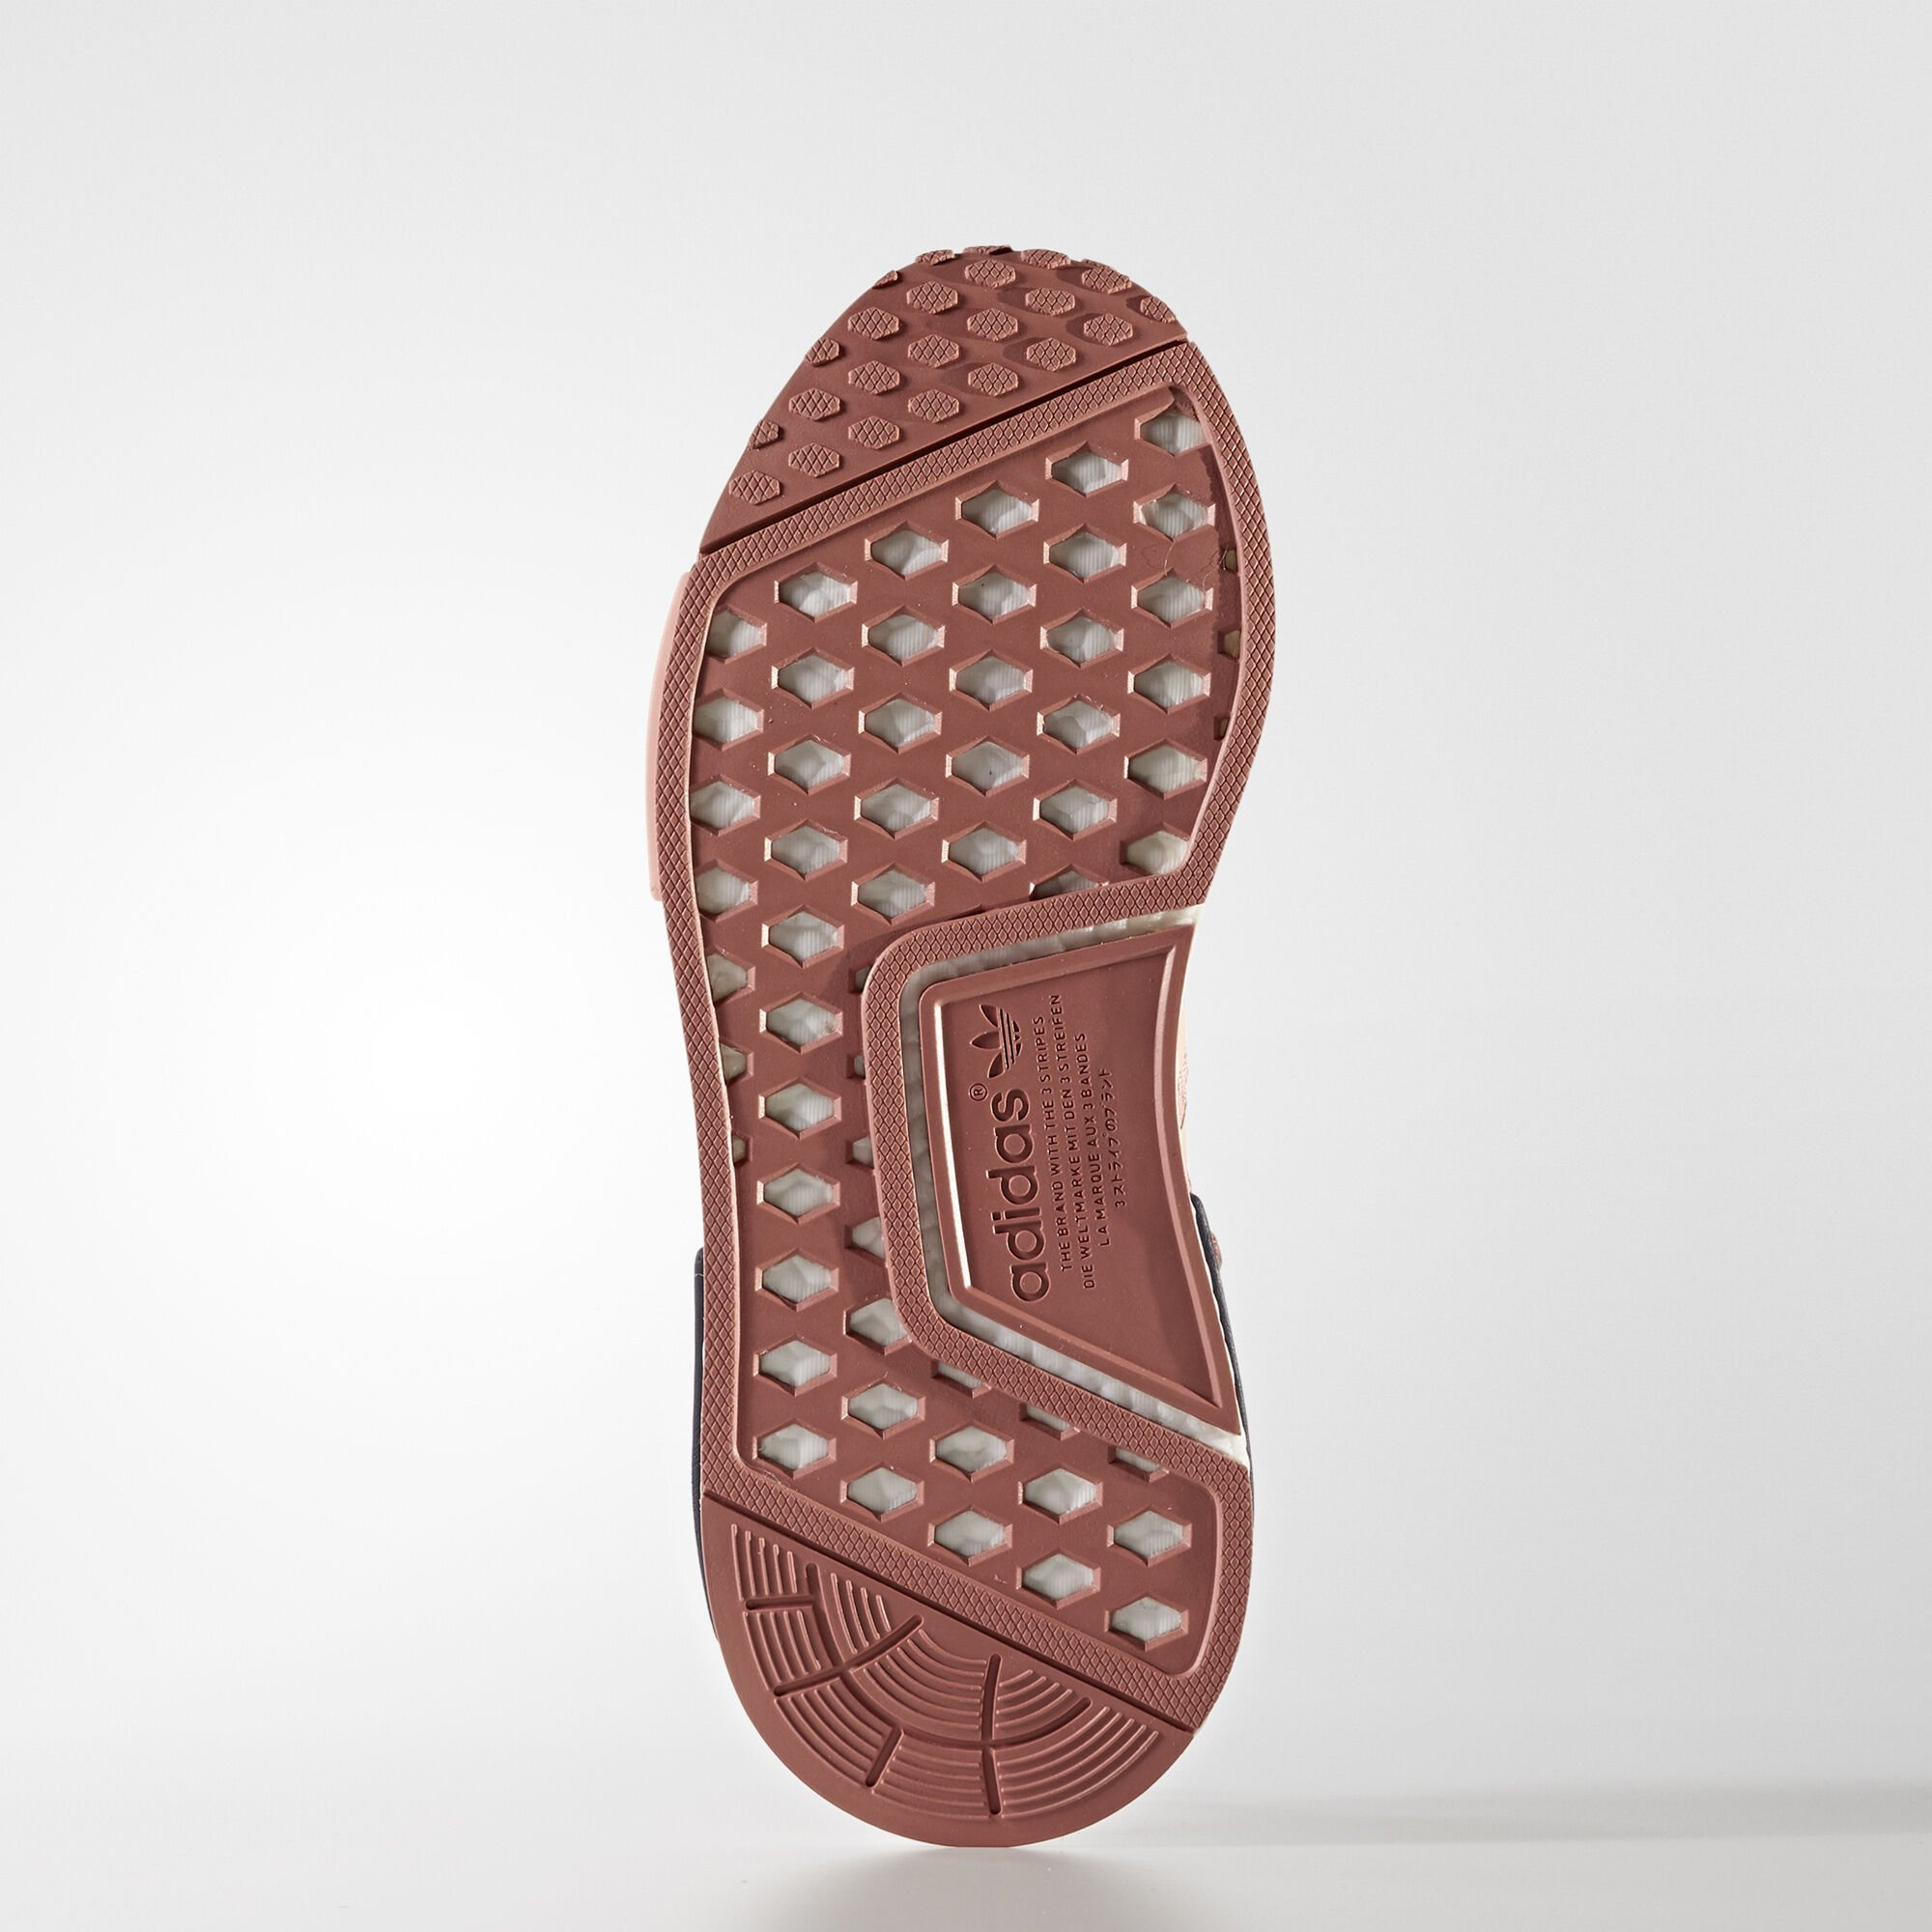 adidas  NMD R1 Raw Pink Glitch (W) (BY9648)